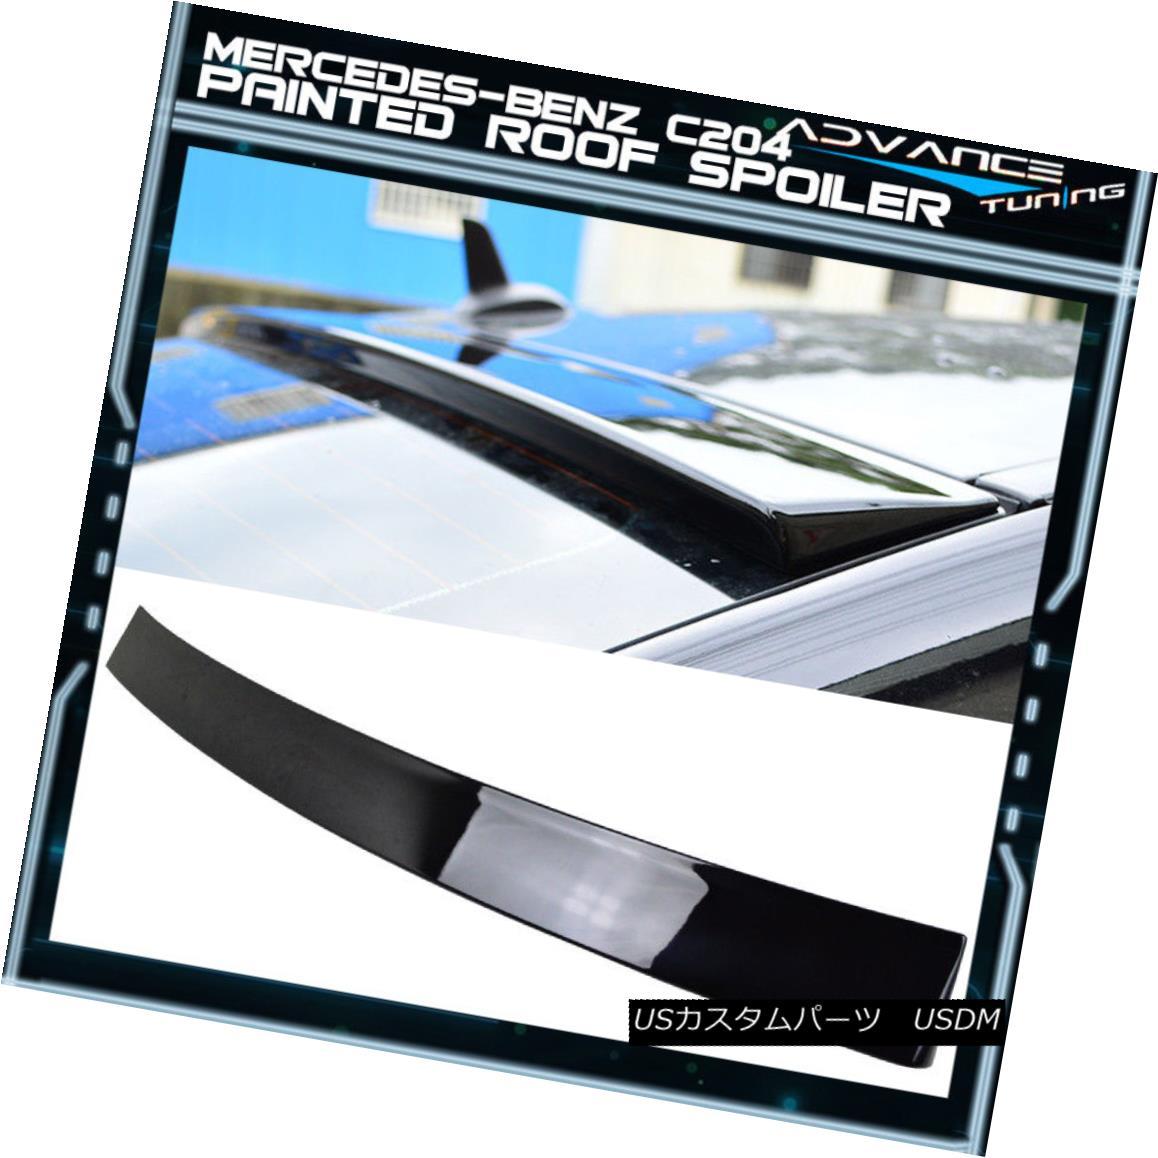 エアロパーツ 12-15 Benz C204 W204 Coupe Roof Spoiler OEM Painted #197 Obsidian Black Metallic 12-15ベンツC204 W204クーペルーフスポイラーOEM塗装#197黒曜石黒メタリック